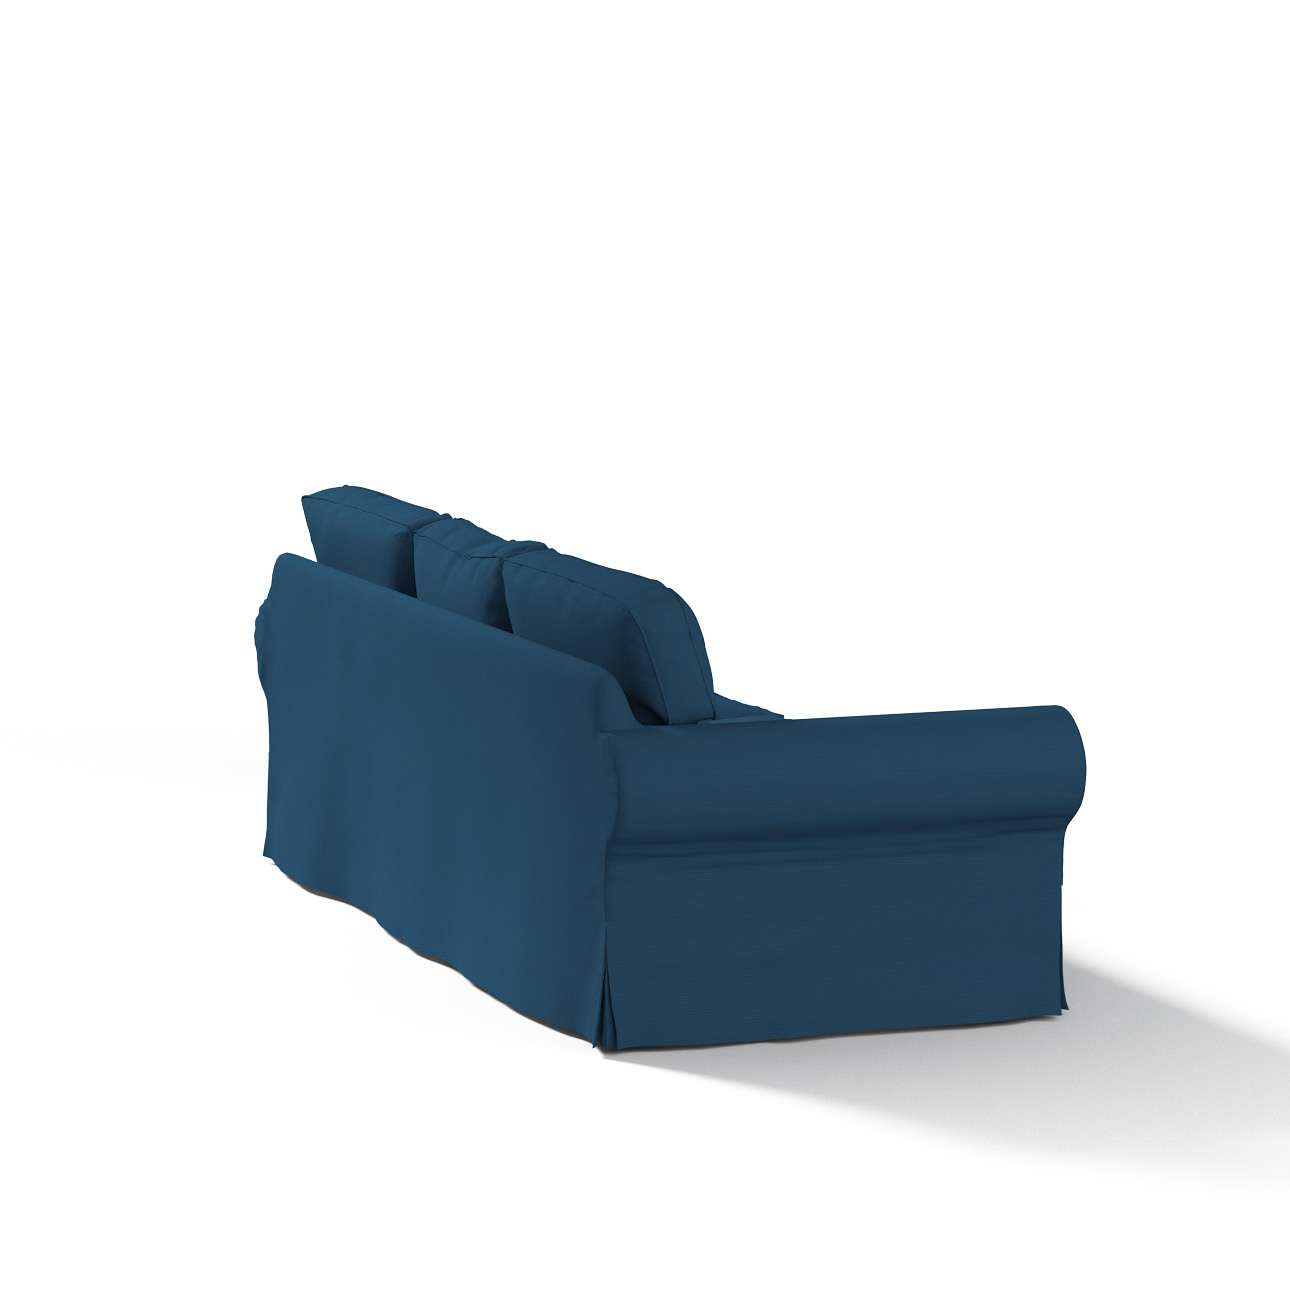 Ektorp trivietės sofos užvalkalas Ektorp trivietės sofos užvalkalas kolekcijoje Cotton Panama, audinys: 702-30